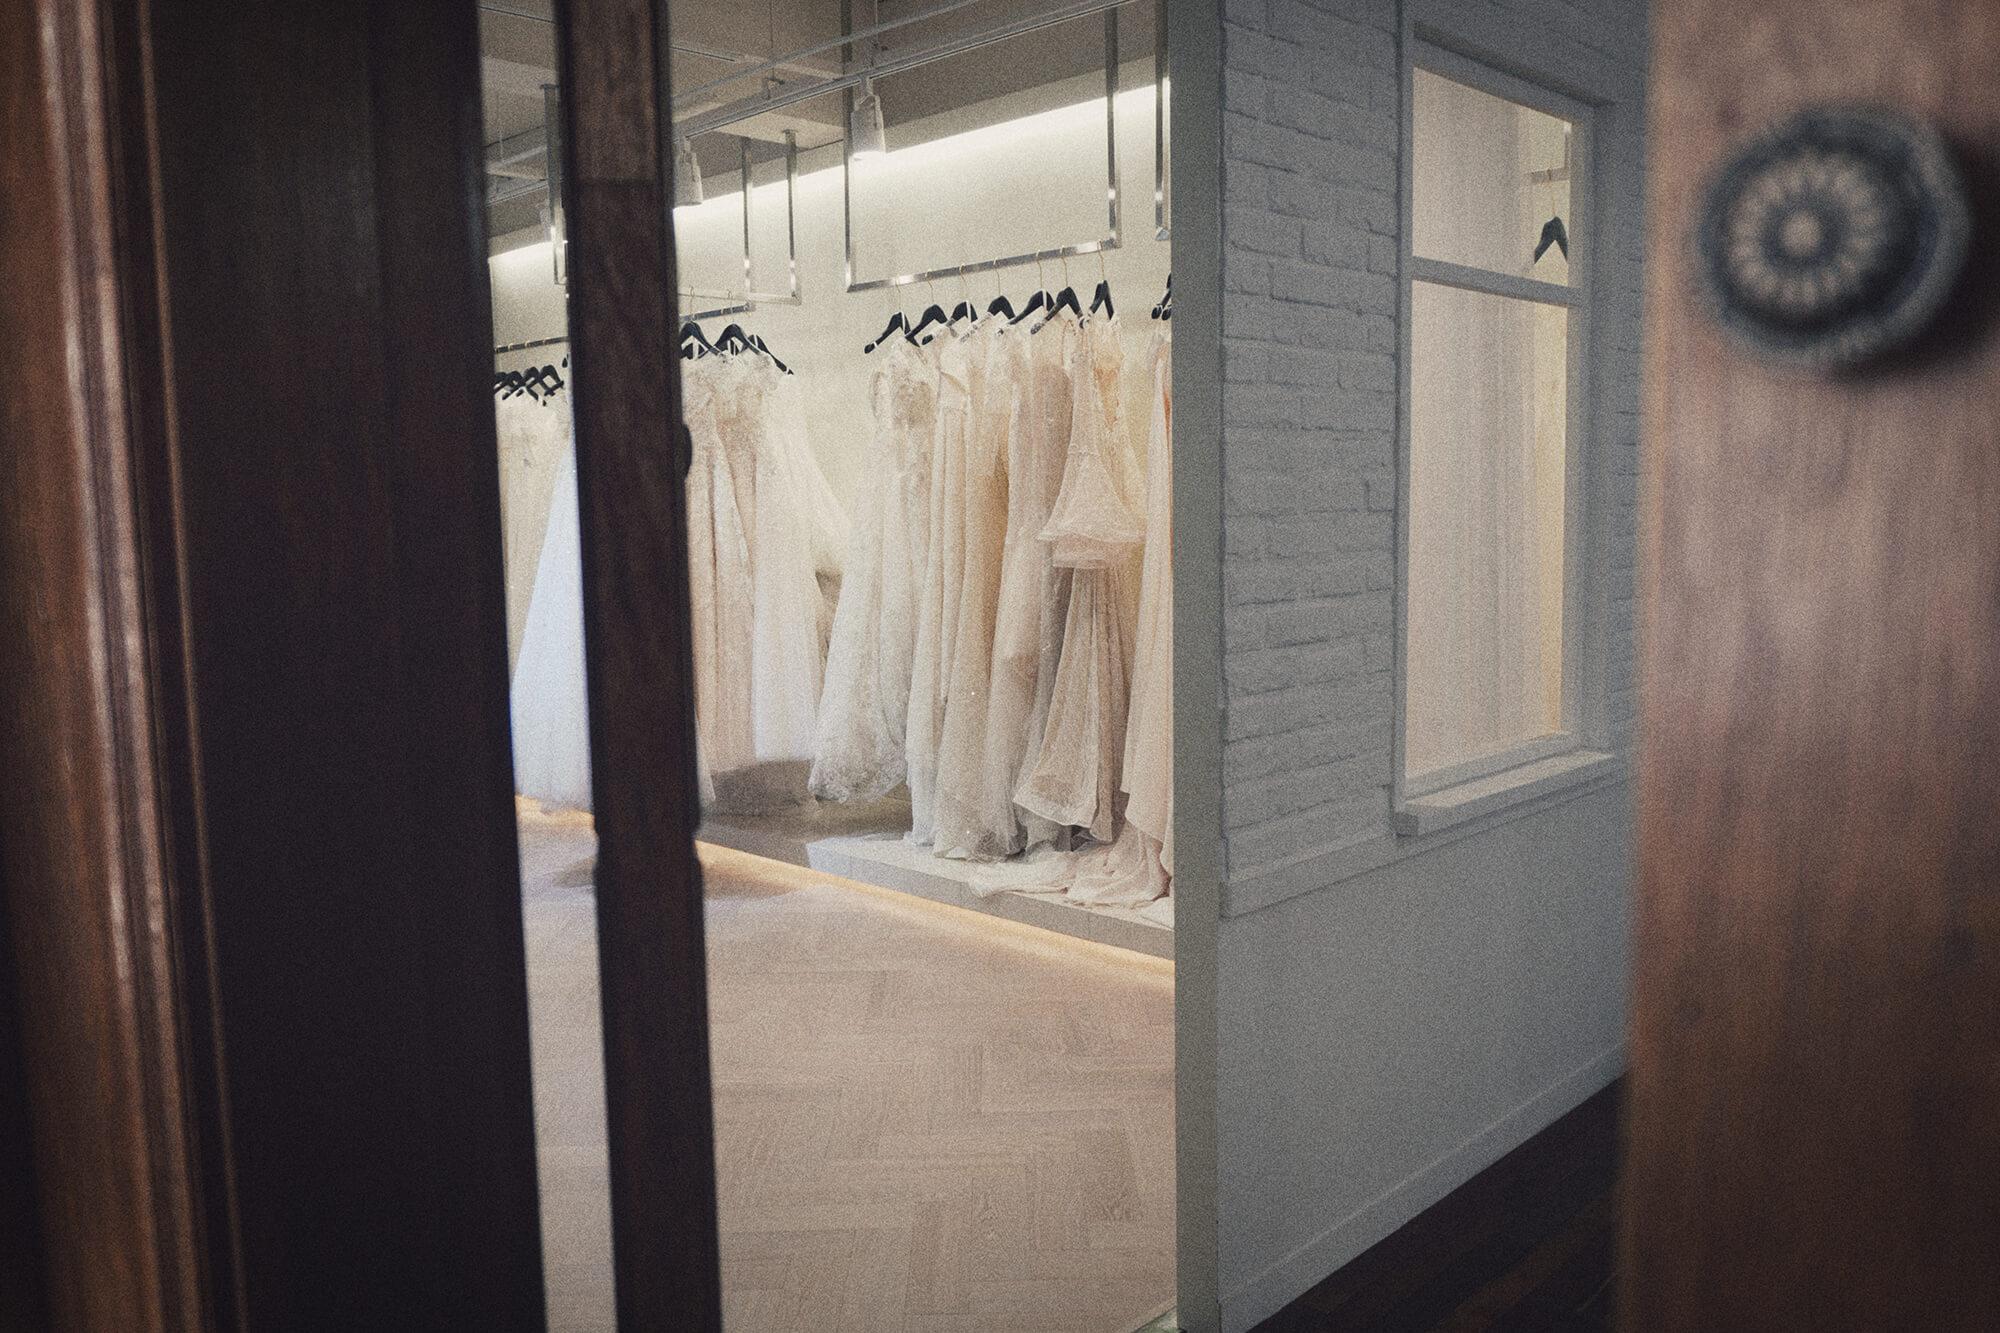 샐리웨딩 드레스 컬렉션